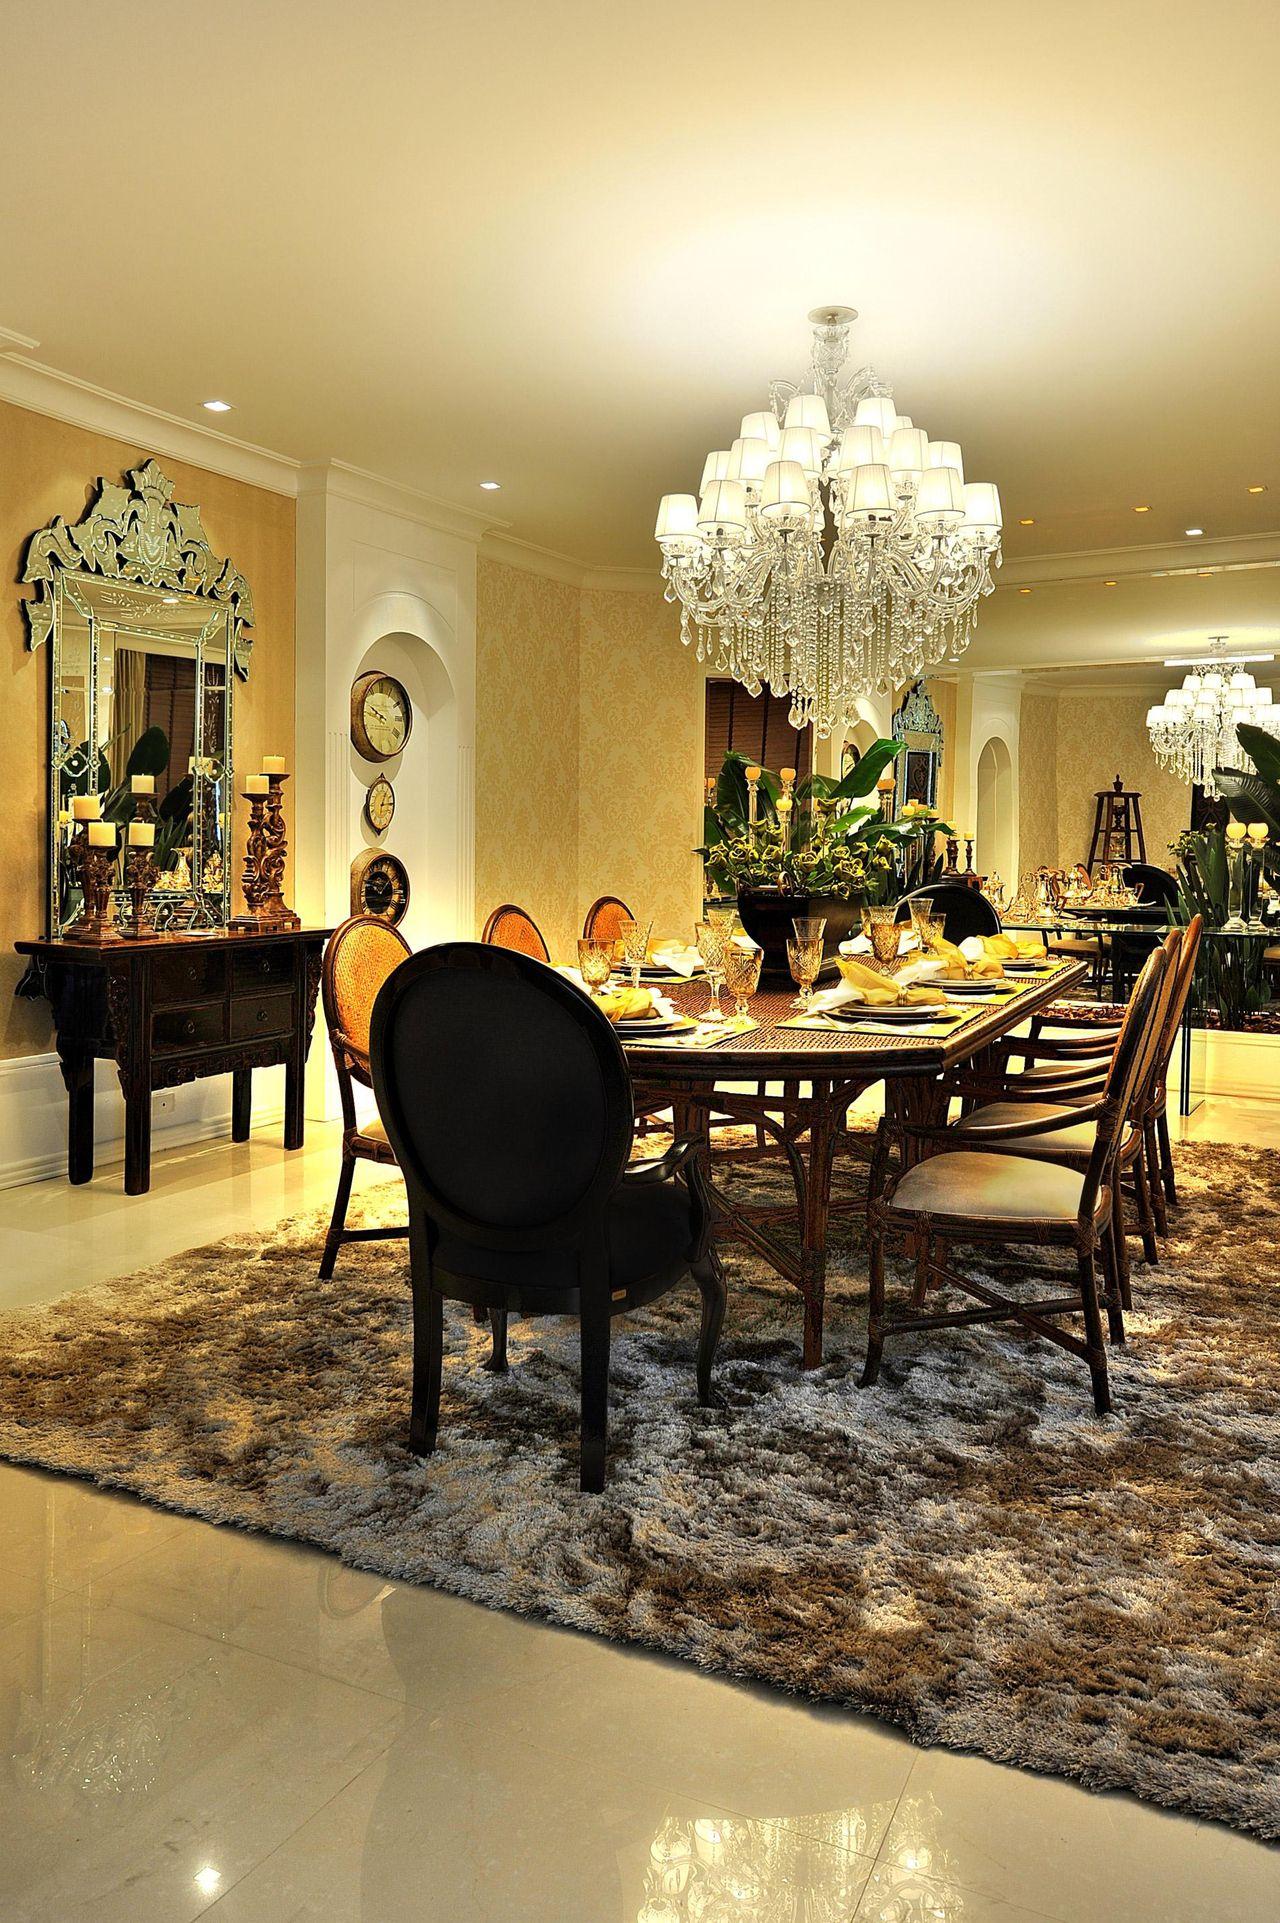 Sala De Jantar Com Espelho E Aparador De Bender Arquitetura 83088  -> Sala De Jantar Com Espelho E Aparador